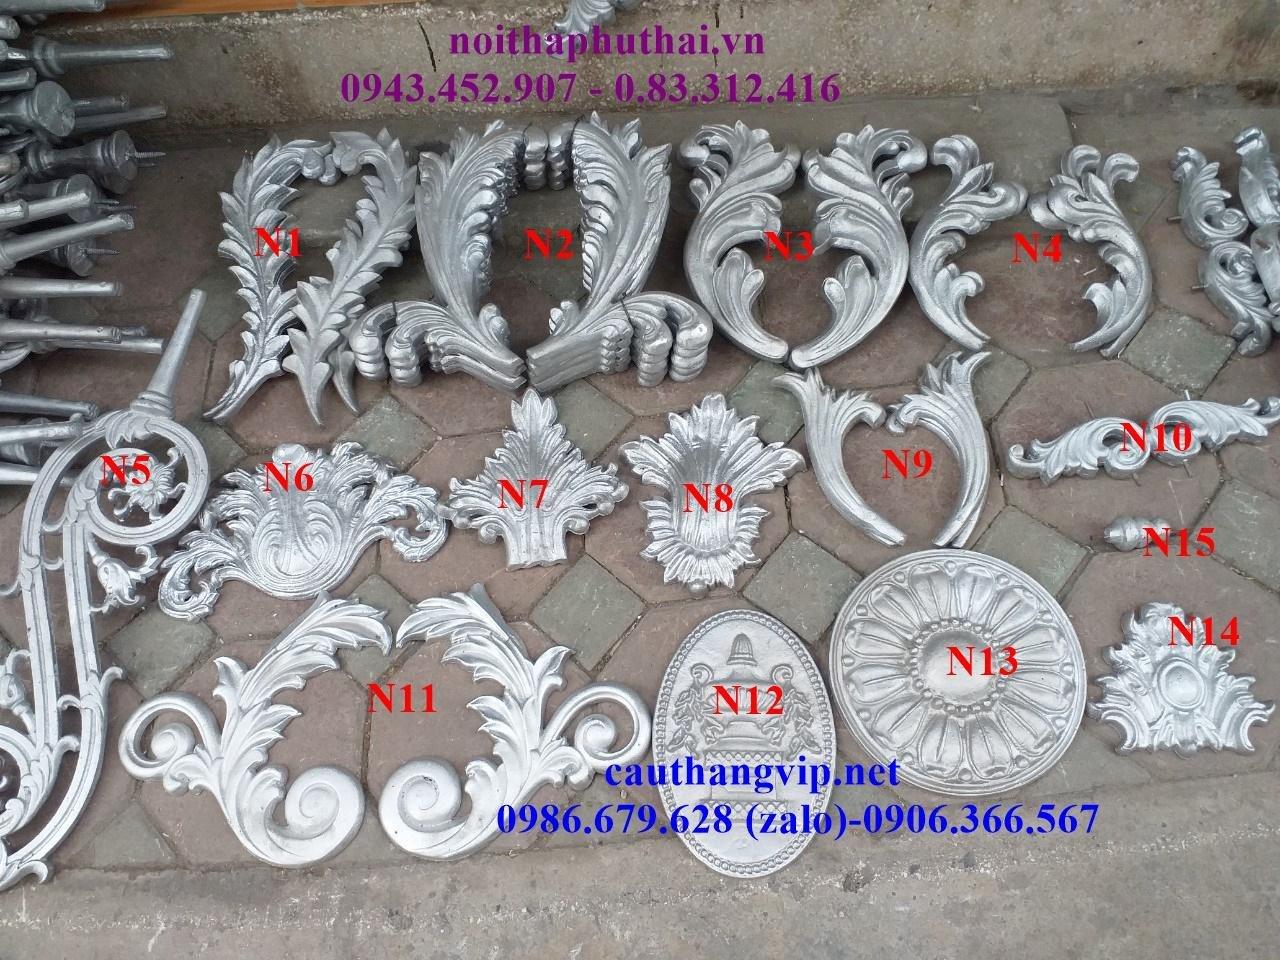 Hoa sắt mỹ thuật Hà Nội PT26